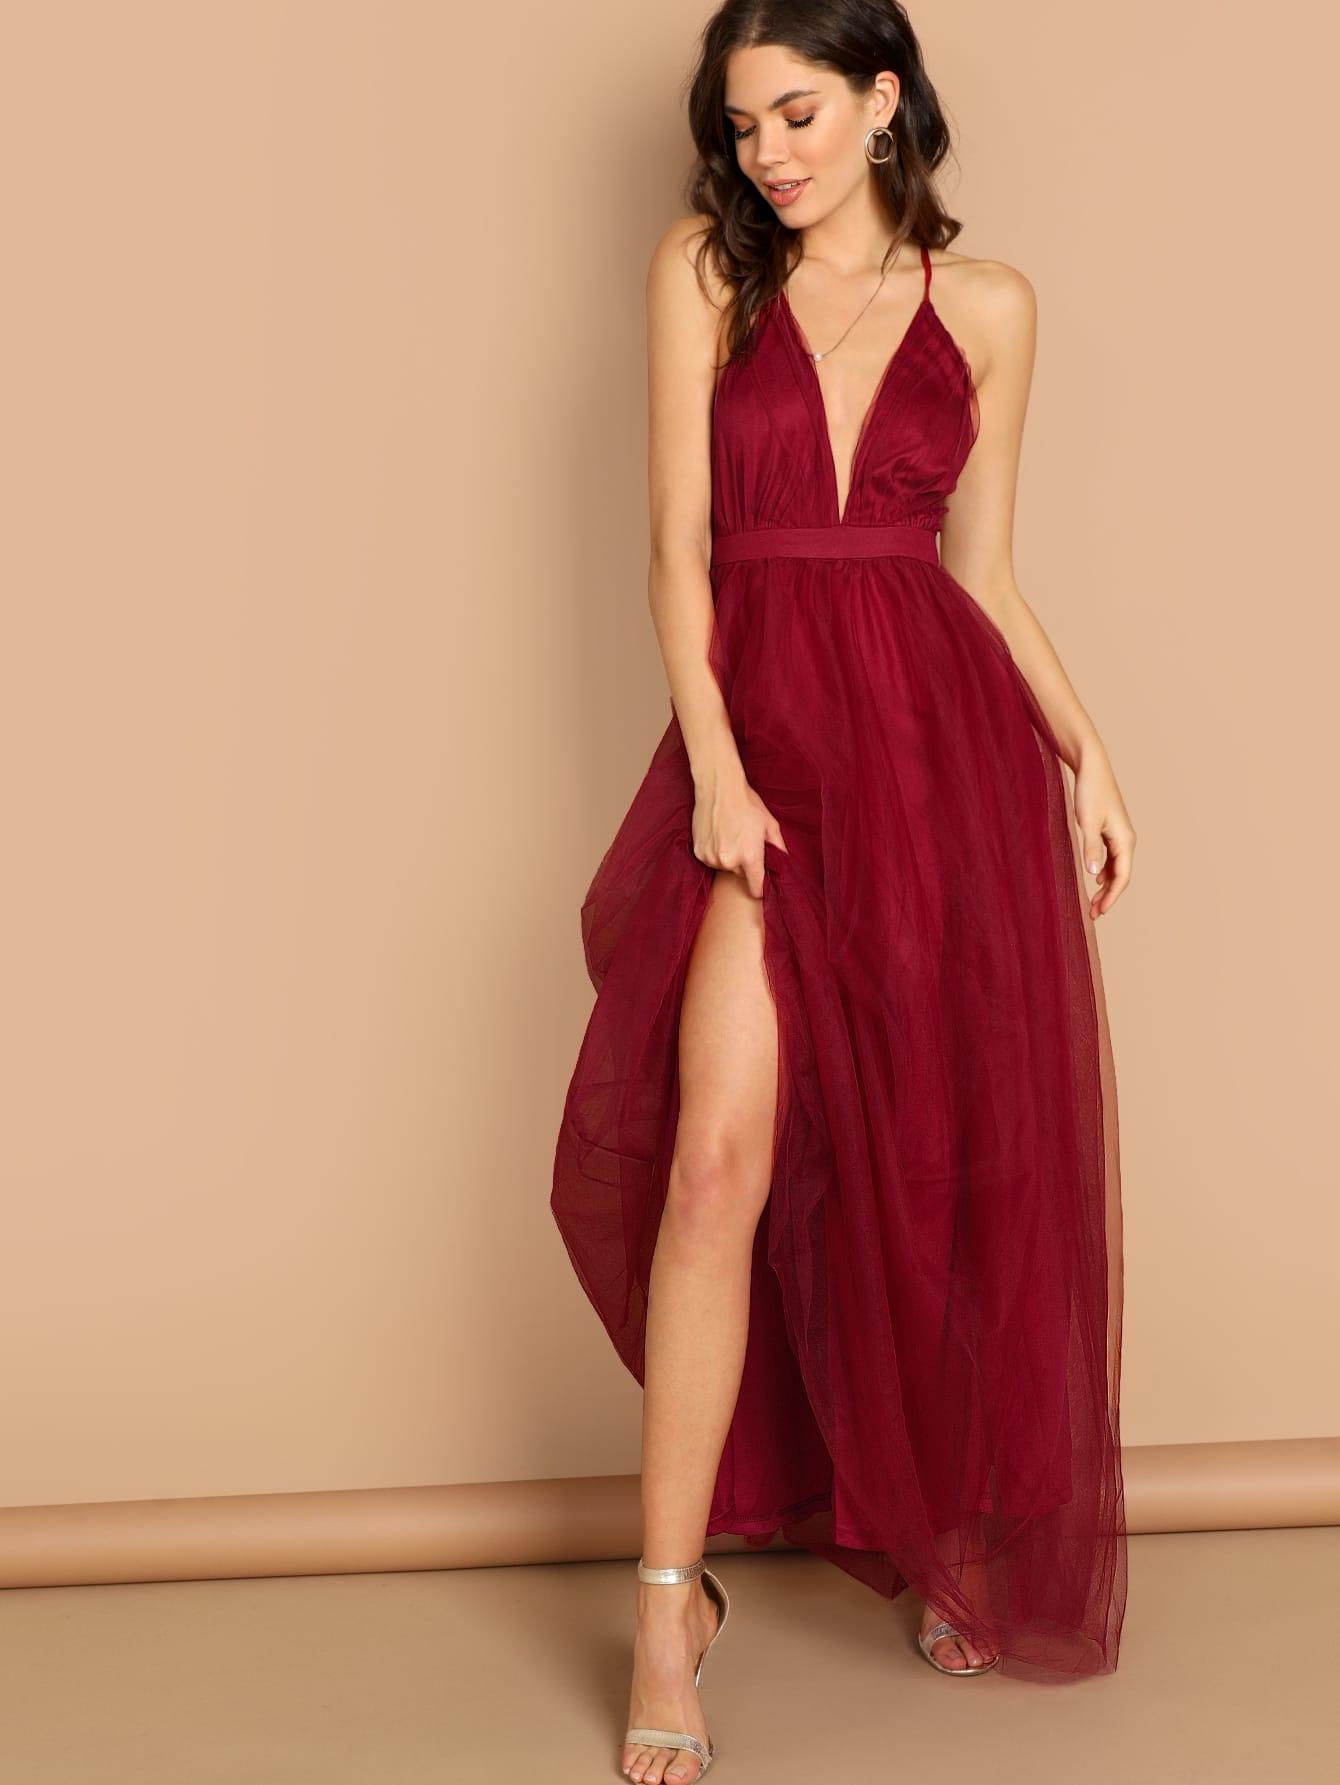 Фото - Крест сзади платье без рукавов с глубоким вырезом от SheIn цвет бургундия